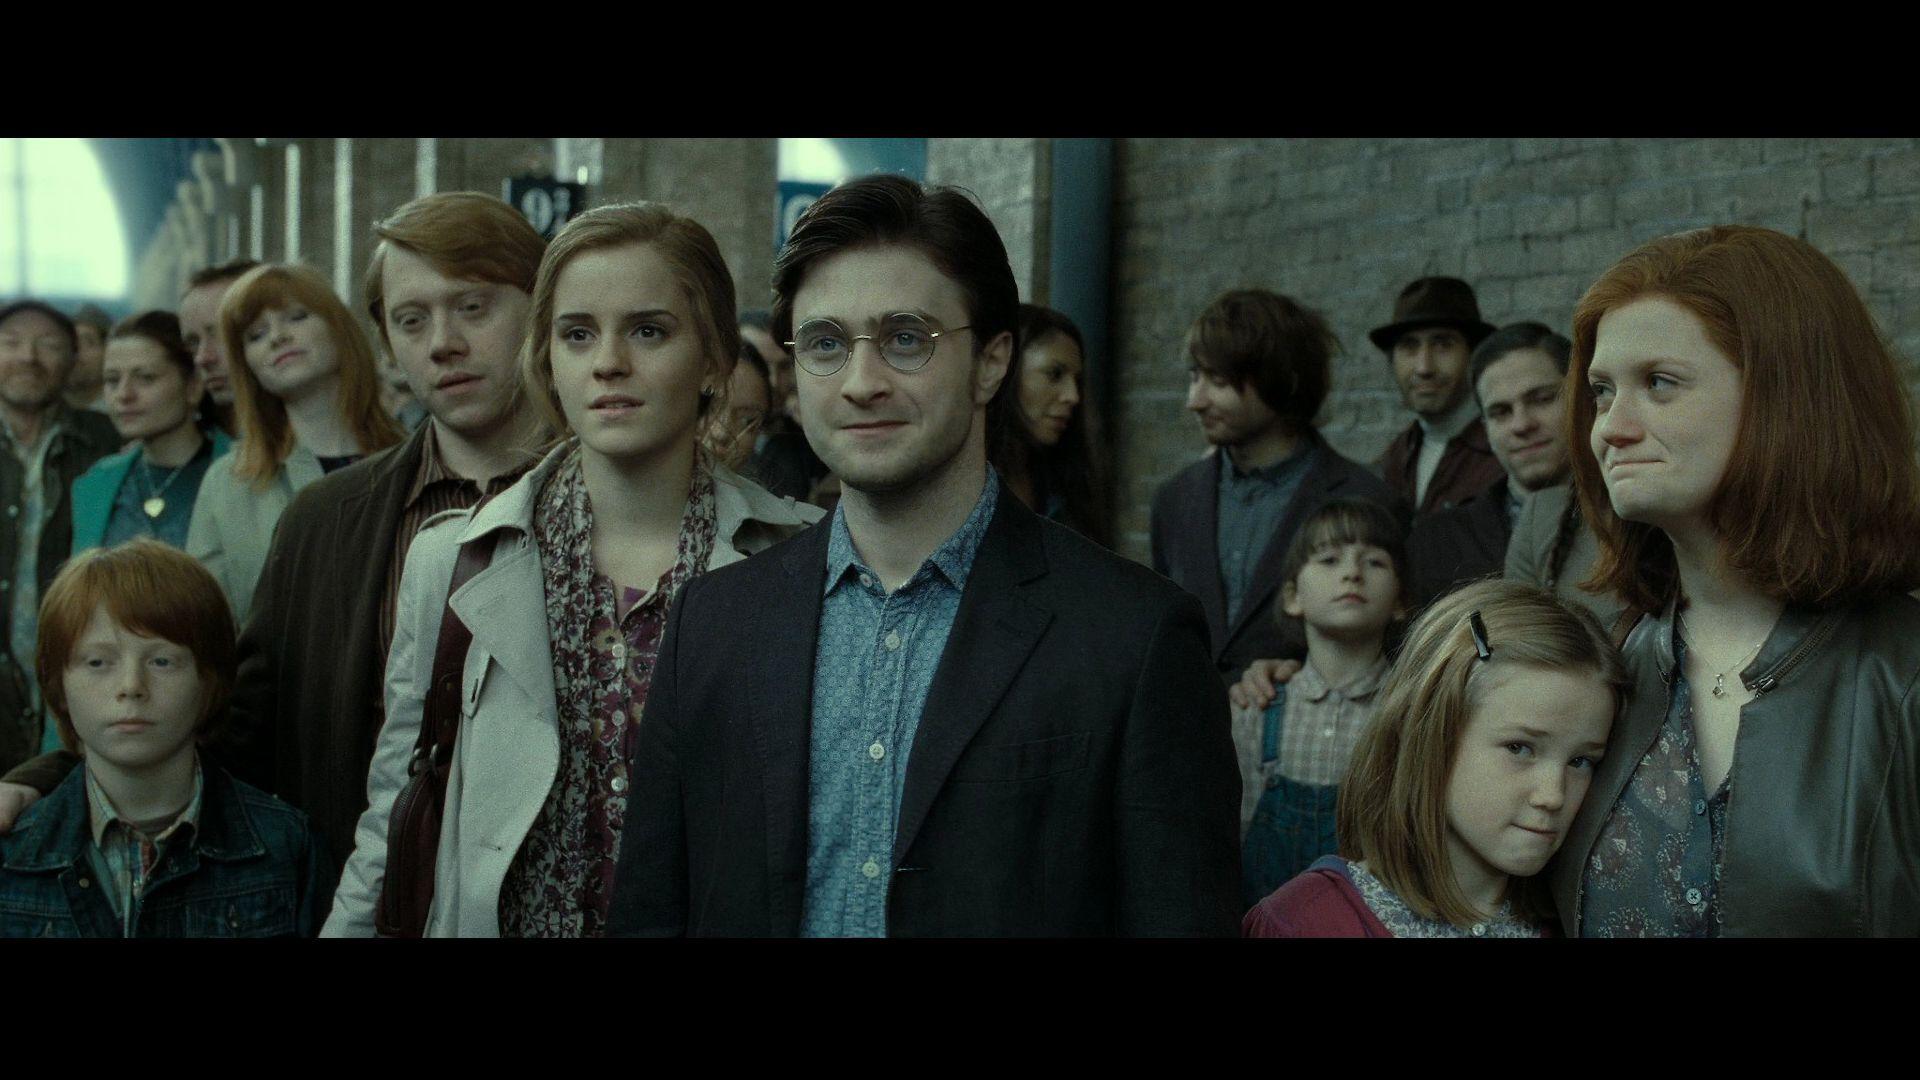 Mirá cómo serán Harry Potter, Ron y Hermione de grandes: sorpresa y críticas entre sus fans